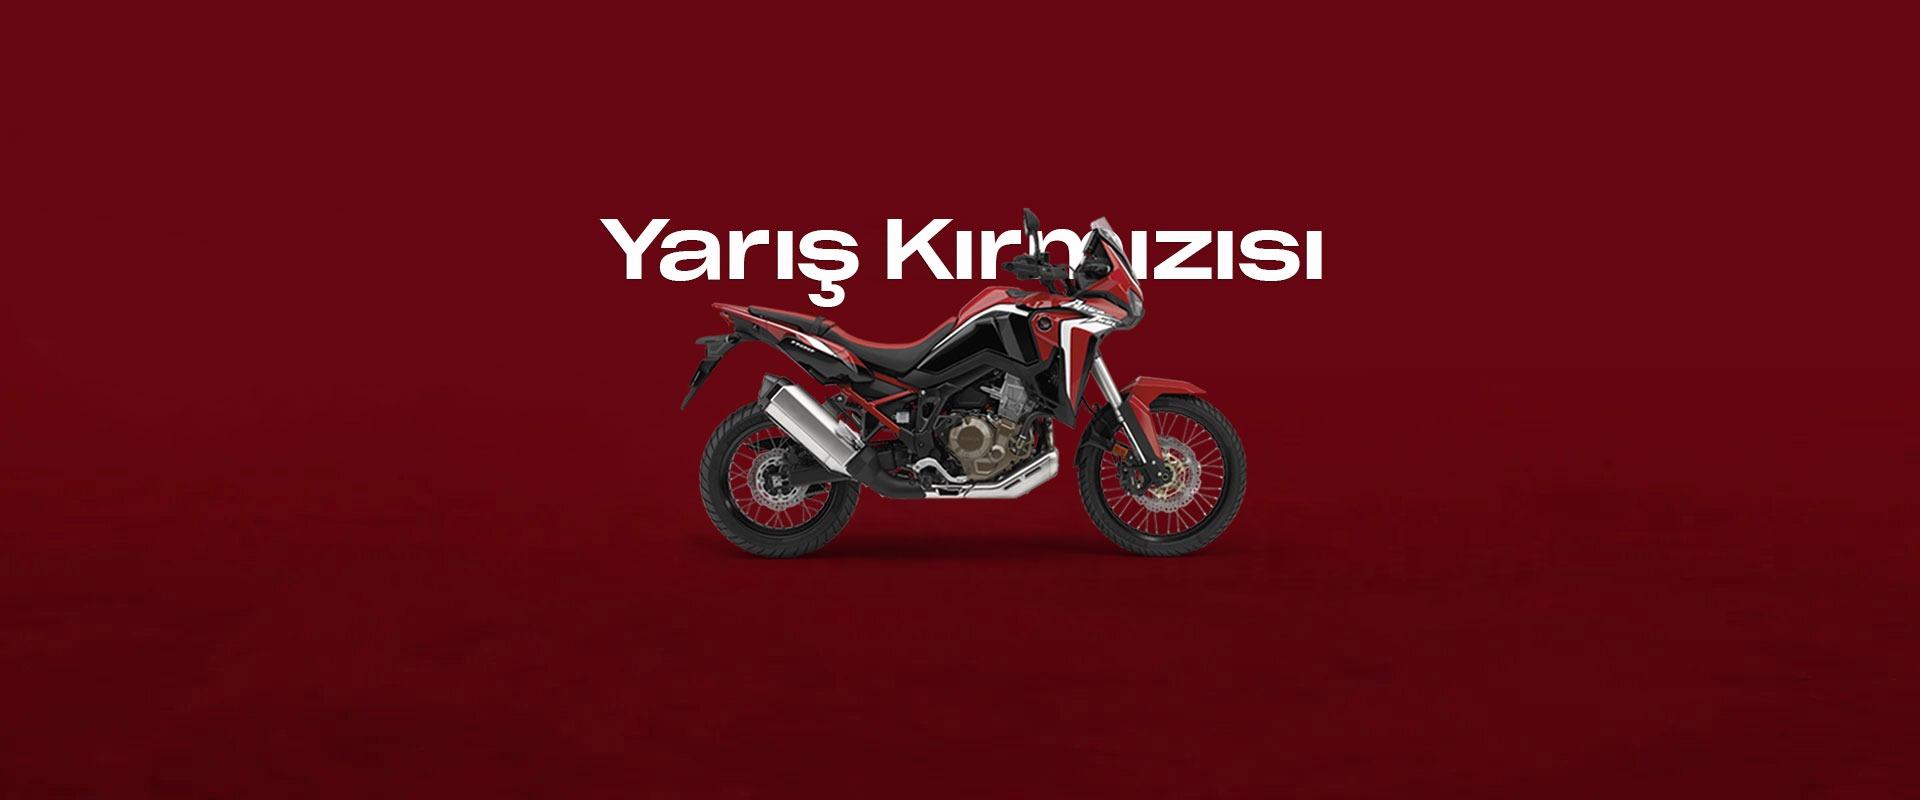 DRD Motorbikes Yarış Kırmızısı